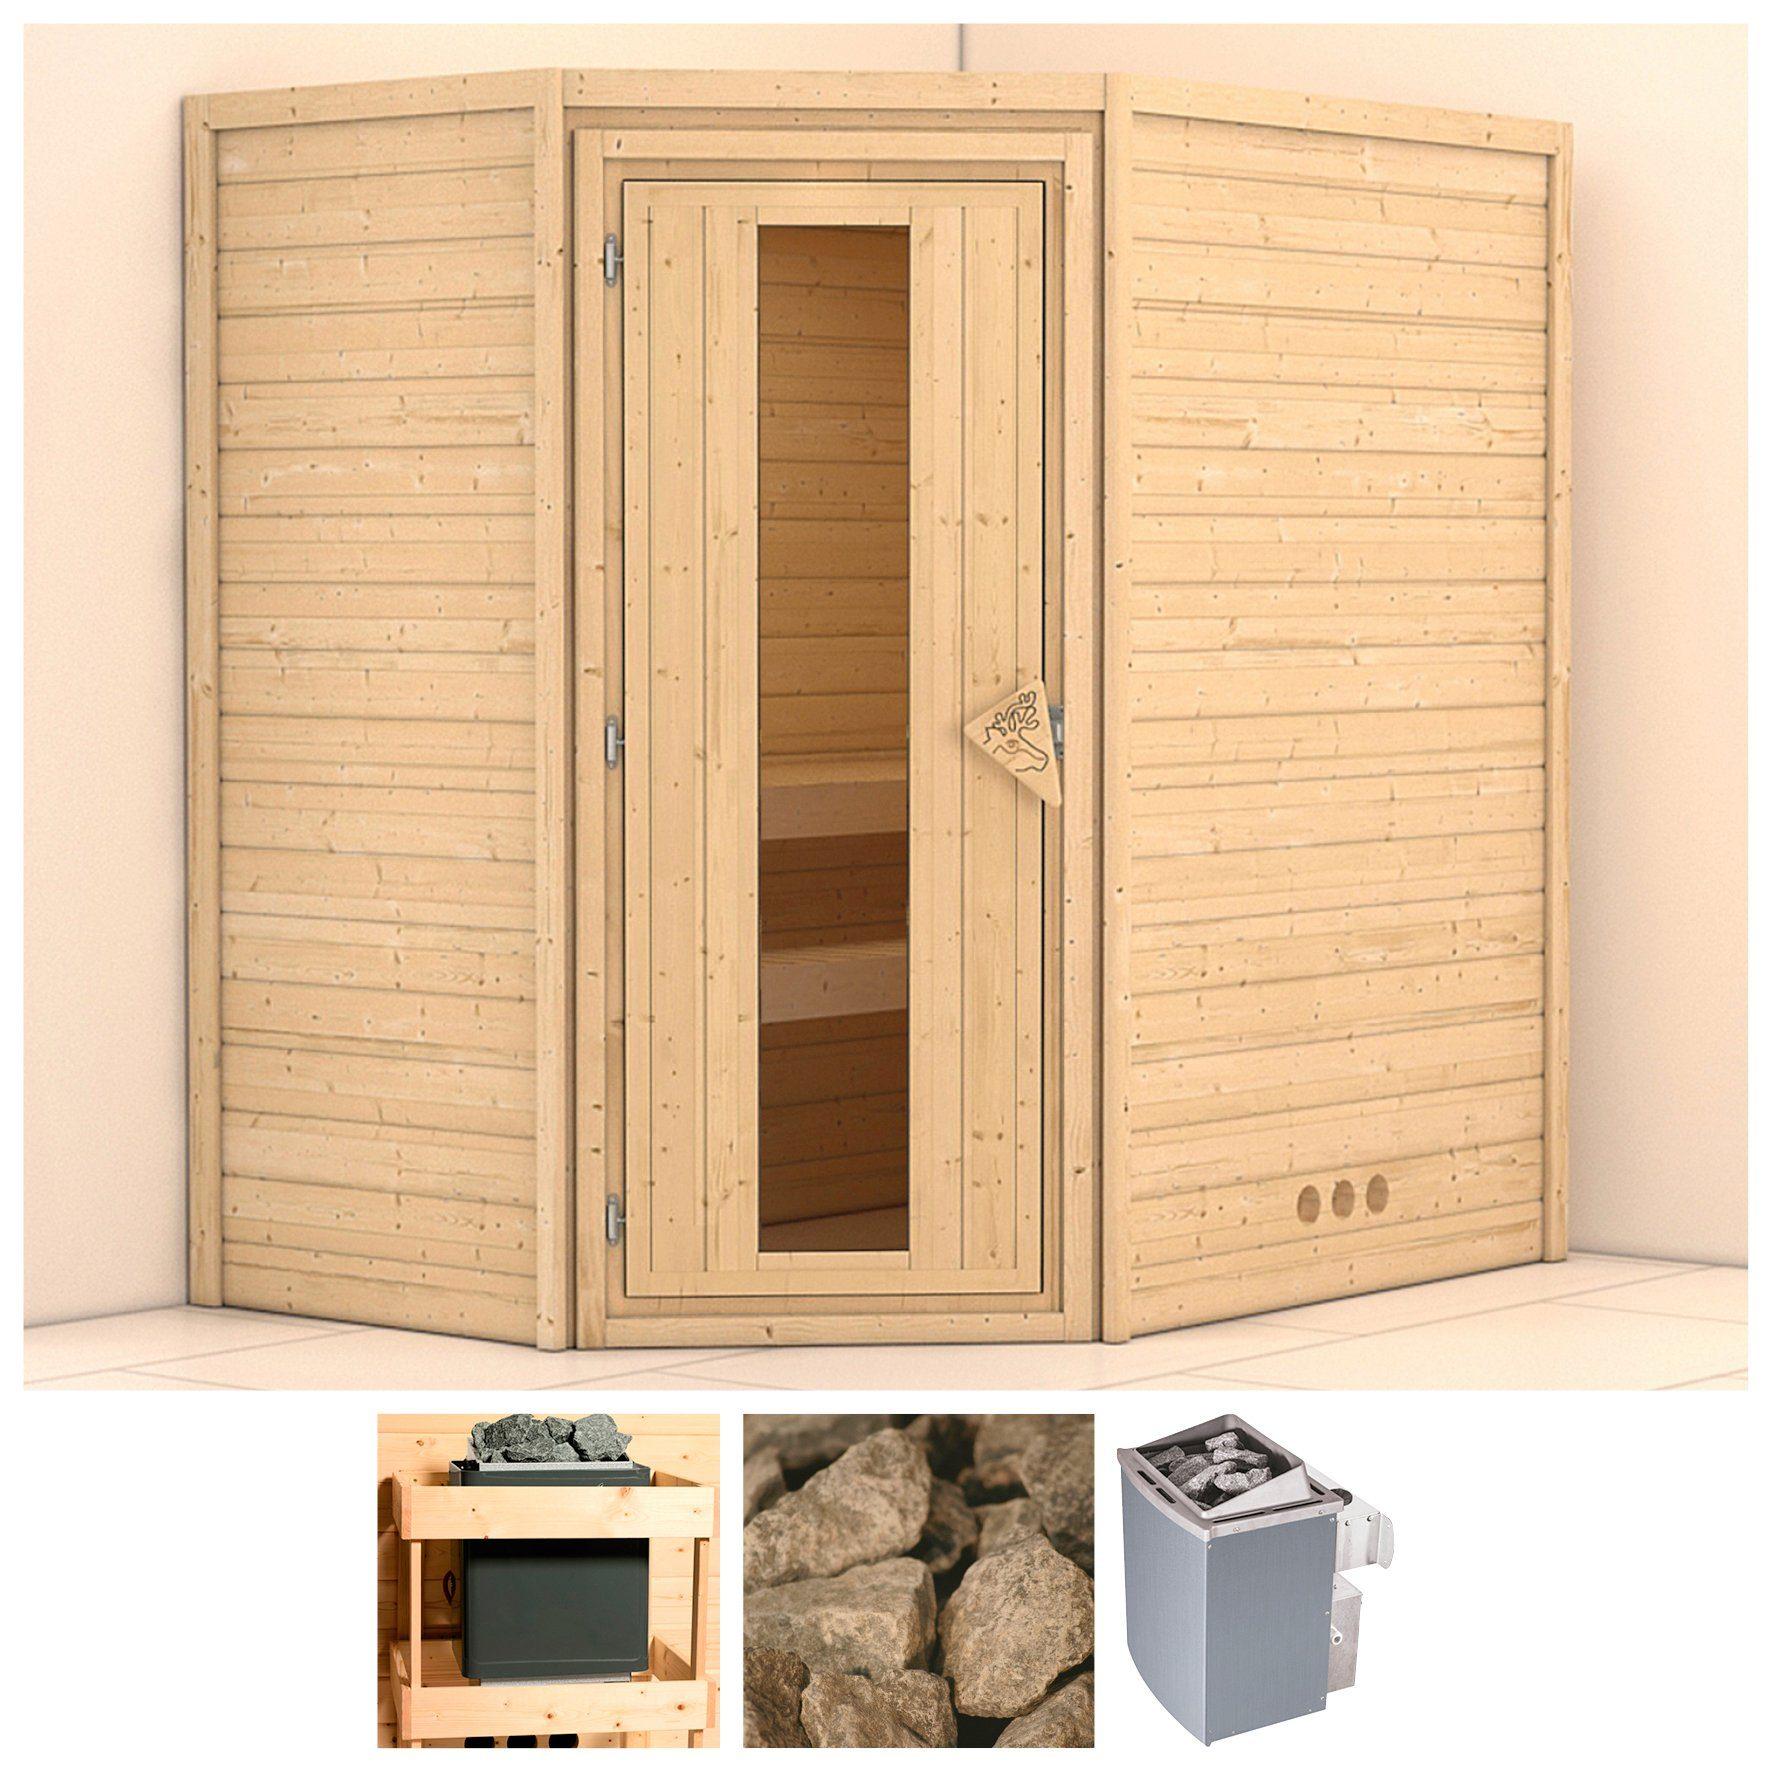 KONIFERA Sauna »Svea«, 196/146/200 cm, 9-kW-Ofen mit int. Steuerung, Holztür